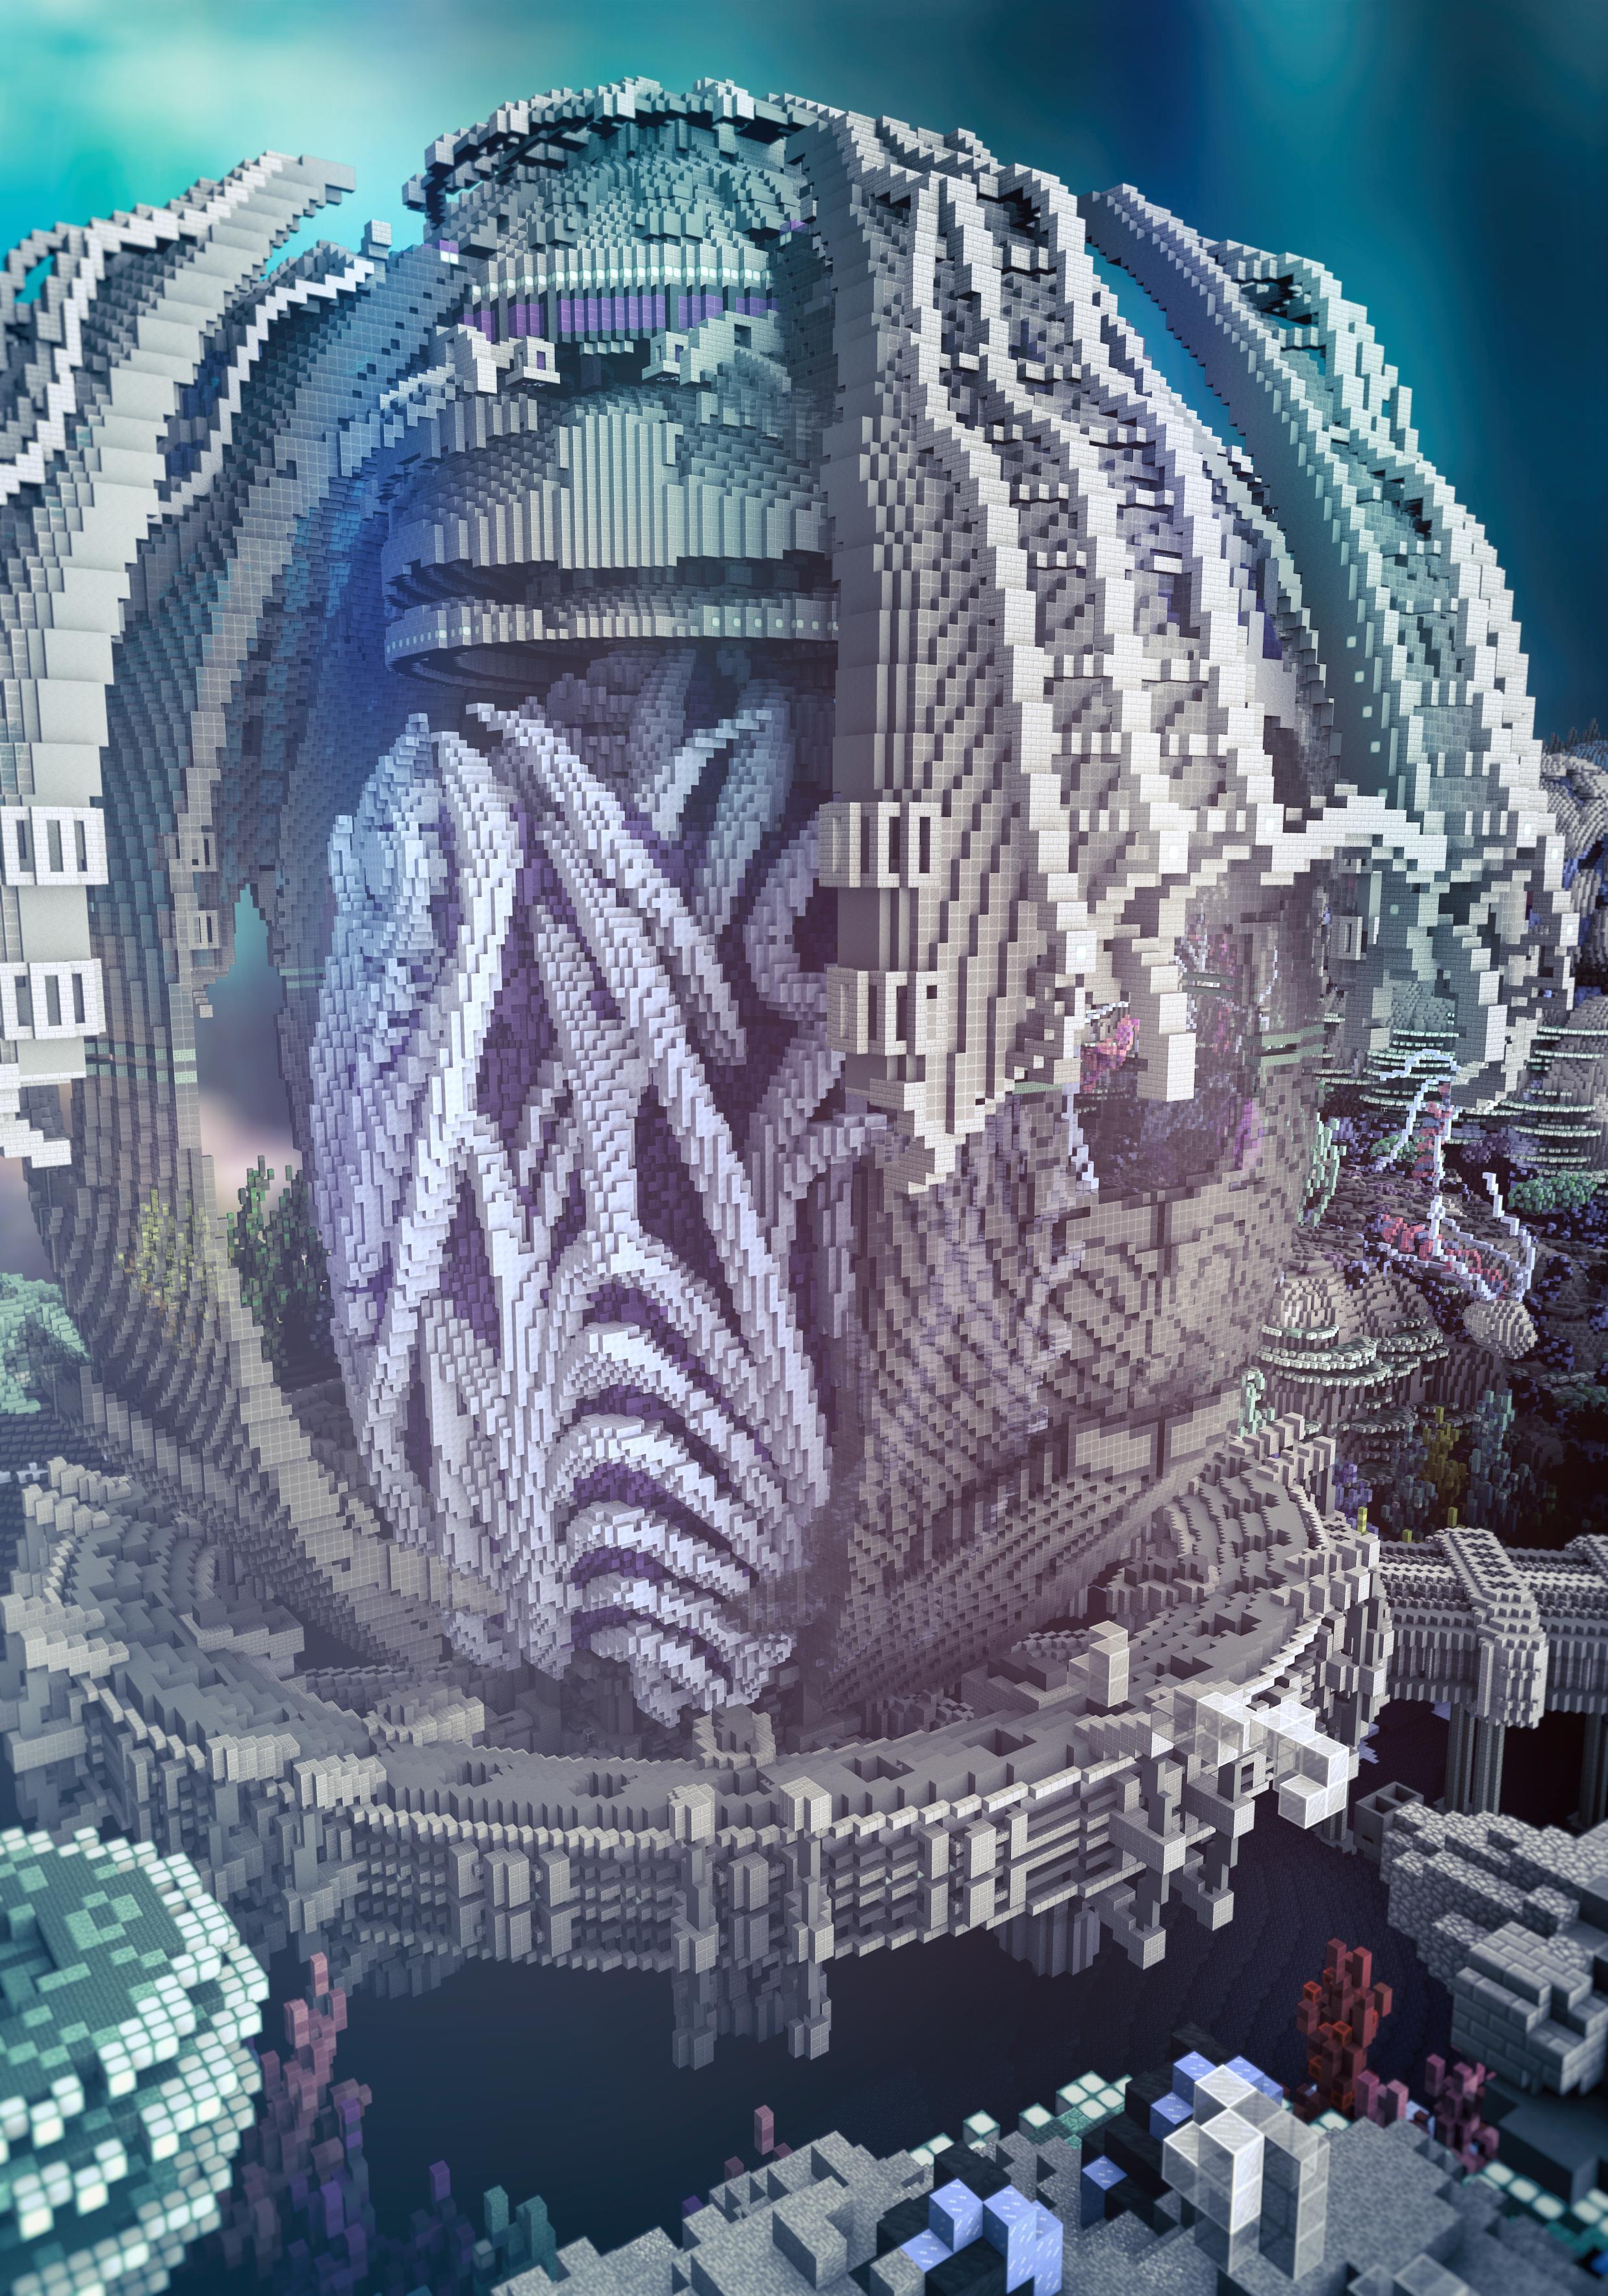 DeepSea4.jpg